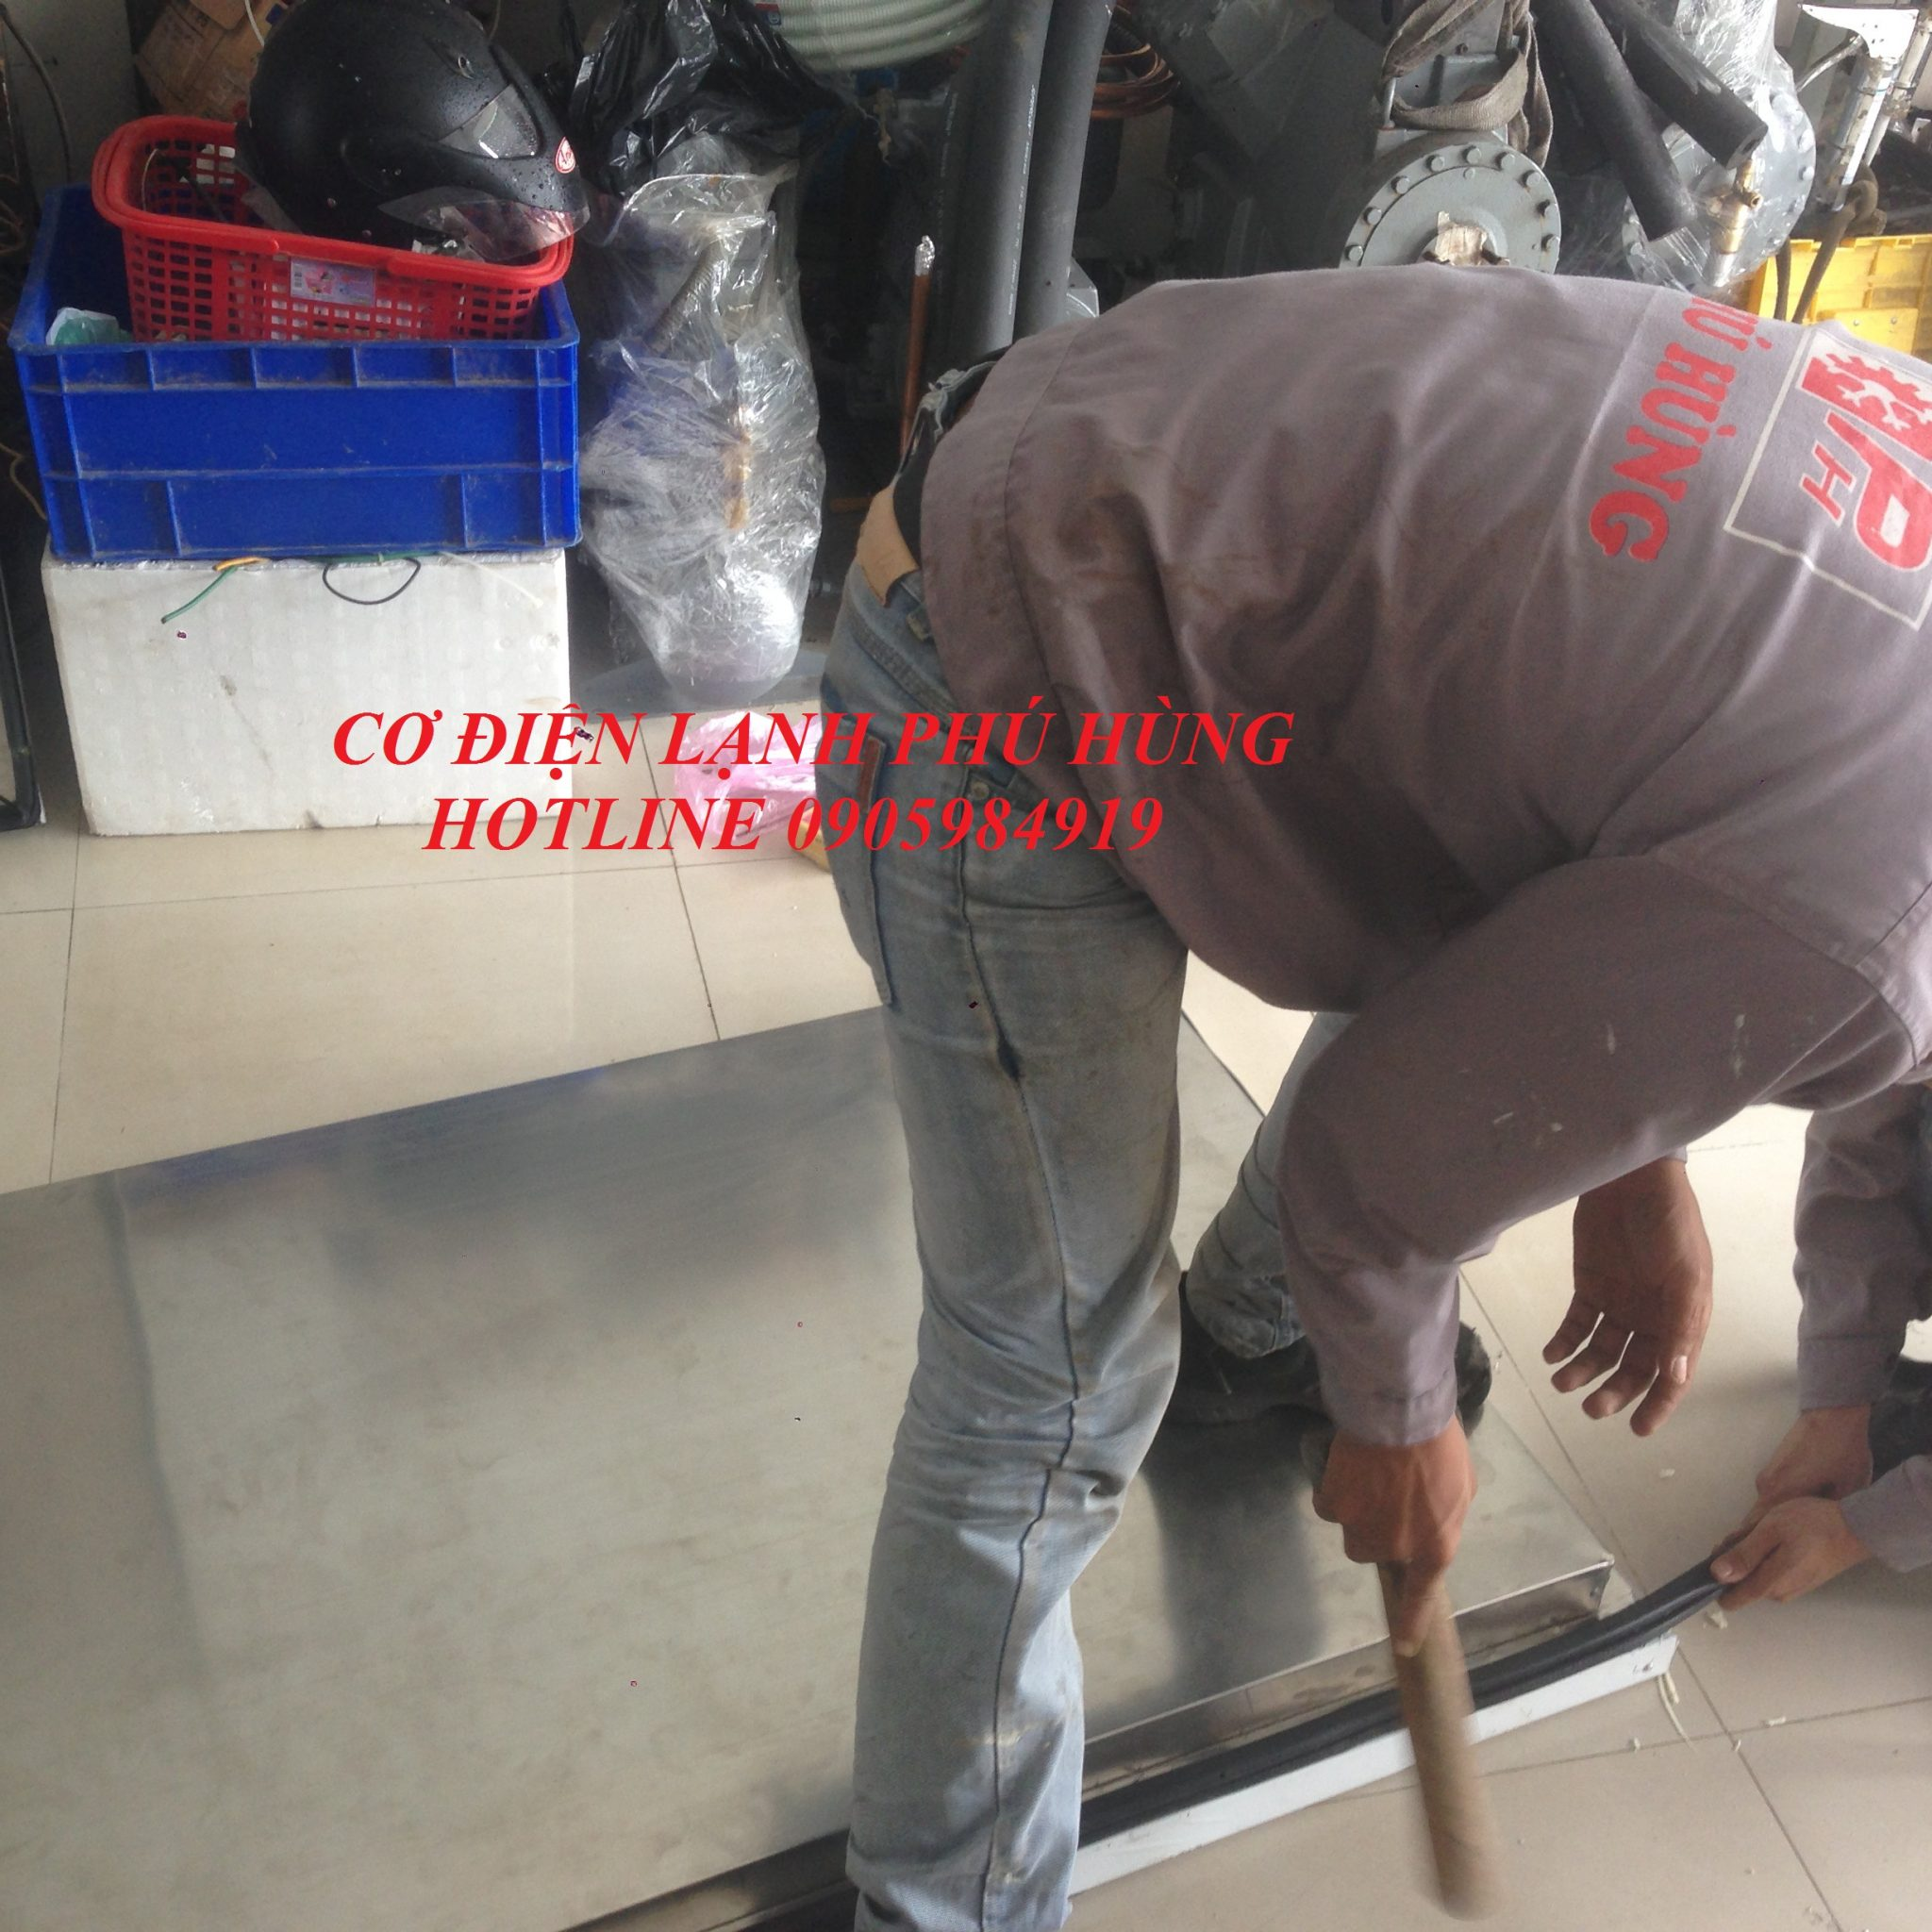 2 - Cung cấp cửa cách nhiệt kho lạnh tại Đà Nẵng